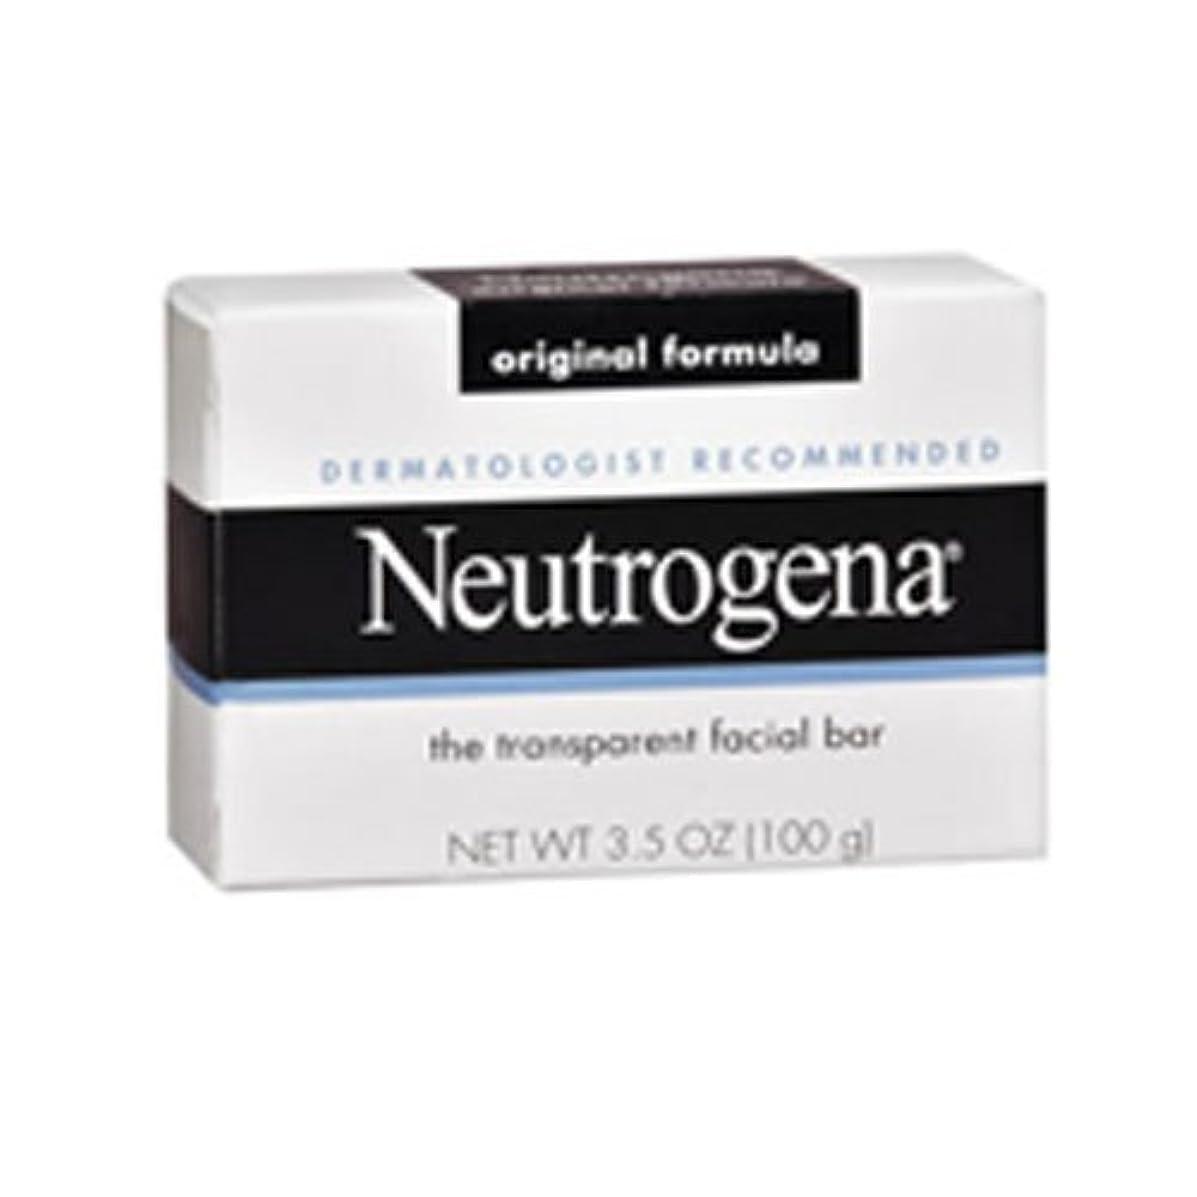 受け入れ曲線色海外直送肘 Neutrogena Transparent Facial Soap Bar, 3.5 oz